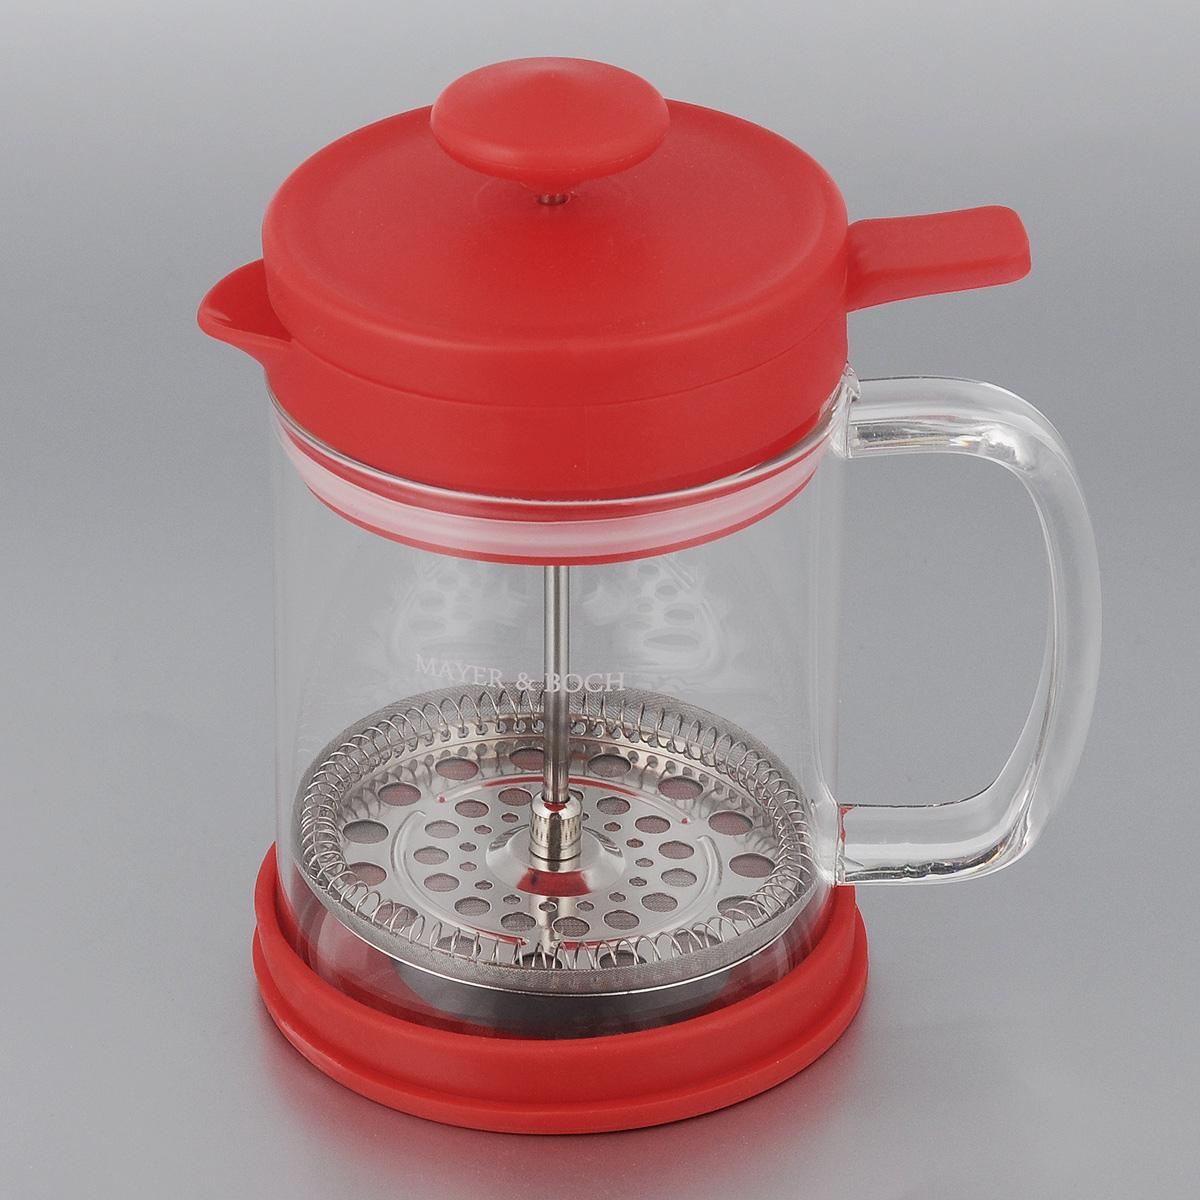 Френч-пресс Mayer & Boch, цвет: красный, прозрачный, 600 мл. 2126321263_красныйФренч-пресс Mayer & Boch позволит быстро и просто приготовить свежий и ароматный кофе или чай. Цветовая гамма подойдет даже для самого яркого интерьера. Френч-пресс изготовлен из высокотехнологичных материалов на современном оборудовании:- корпус изготовлен из высококачественного жаропрочного стекла, устойчивого к окрашиванию и царапинам;- фильтр-поршень из нержавеющей стали выполнен по технологии press-up для обеспечения равномерной циркуляции воды;- яркая подставка из инертного силикона препятствует скольжению френч-пресса.Практичный и стильный дизайн френч-пресса Mayer & Boch полностью соответствует последним модным тенденциям в создании предметов бытового назначения.